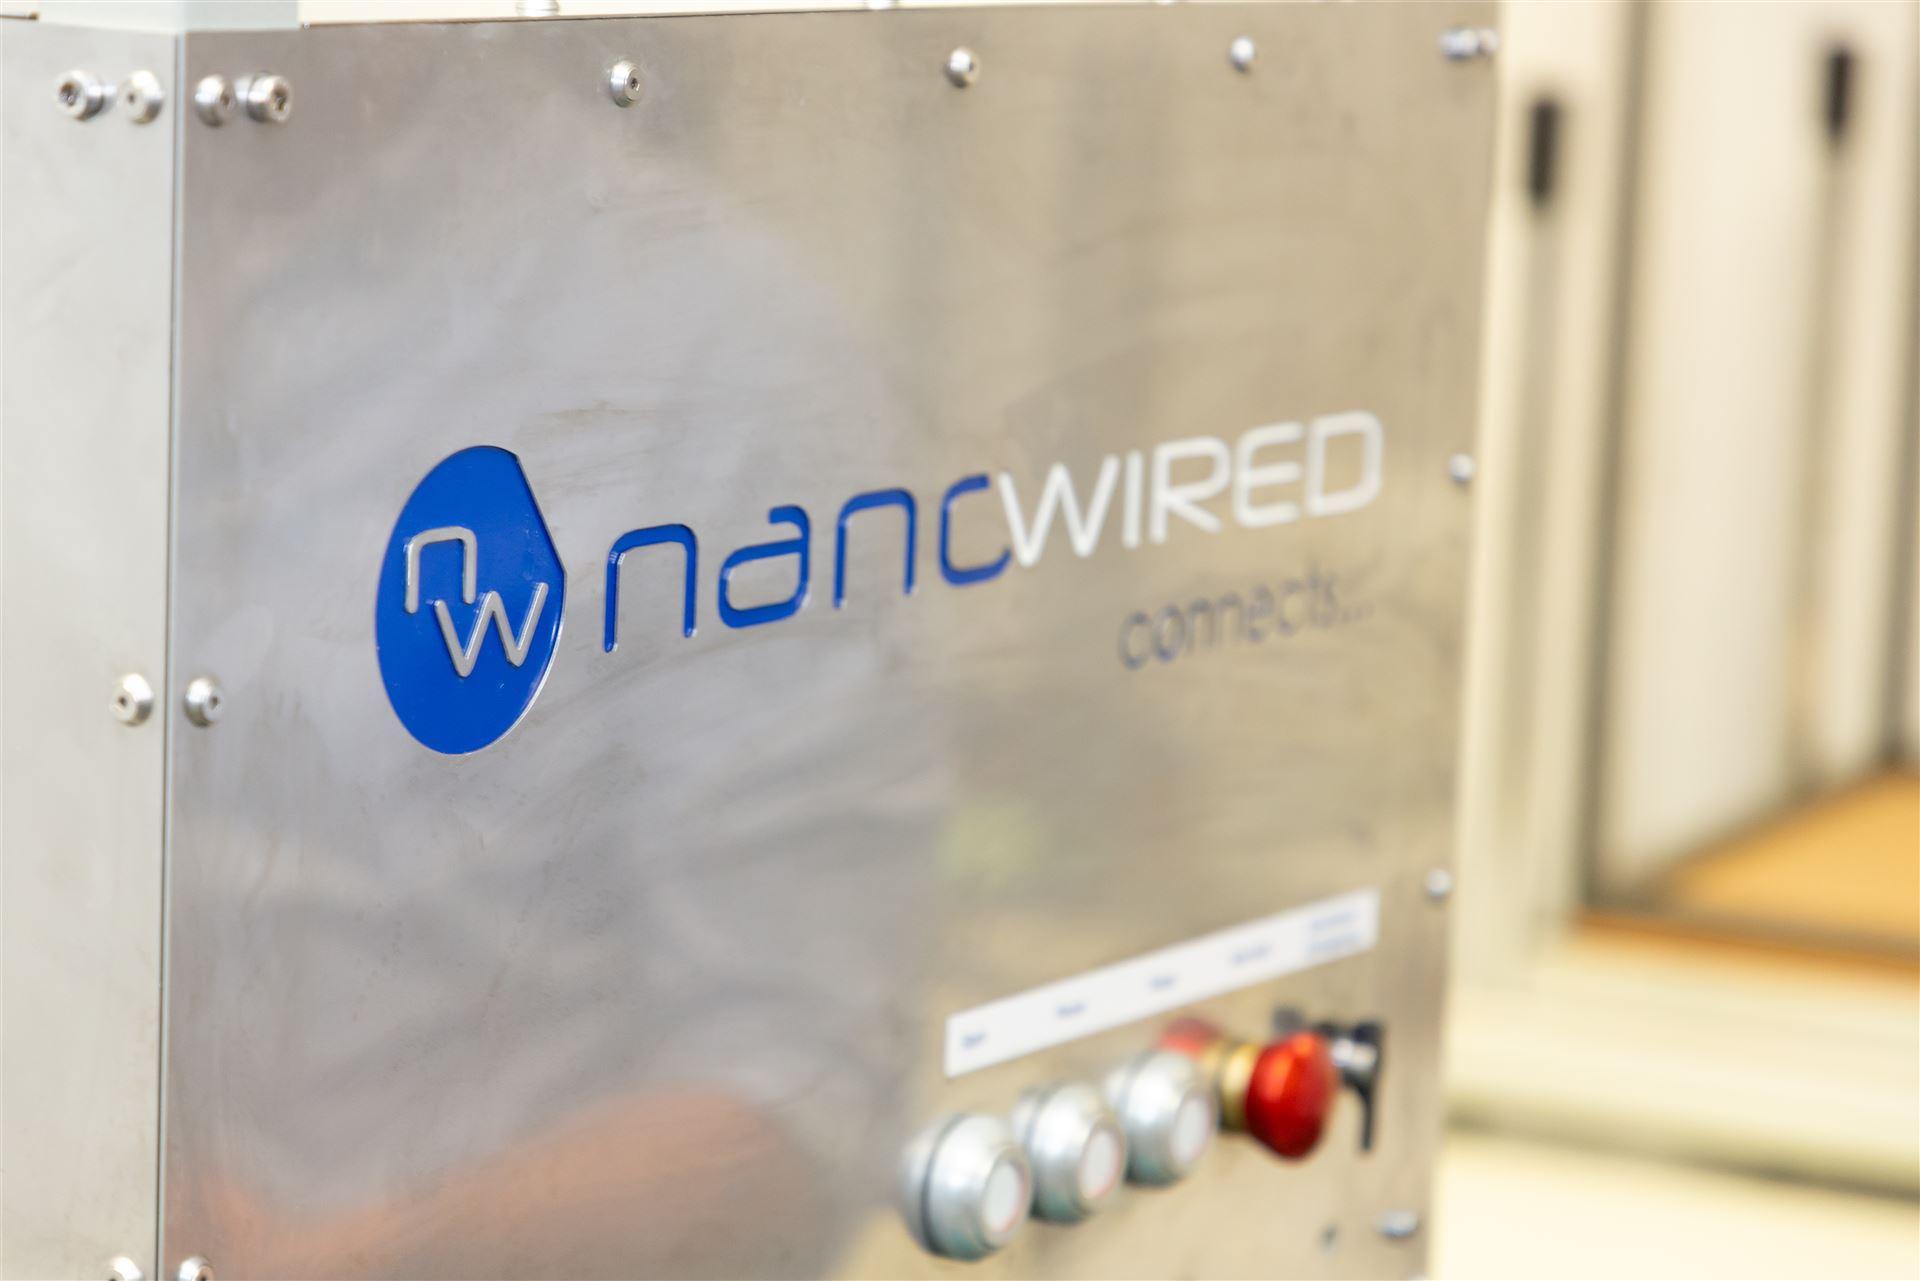 Die optimal thermisch und elektrisch leitende 0 Ohm Verbindungstechnologie